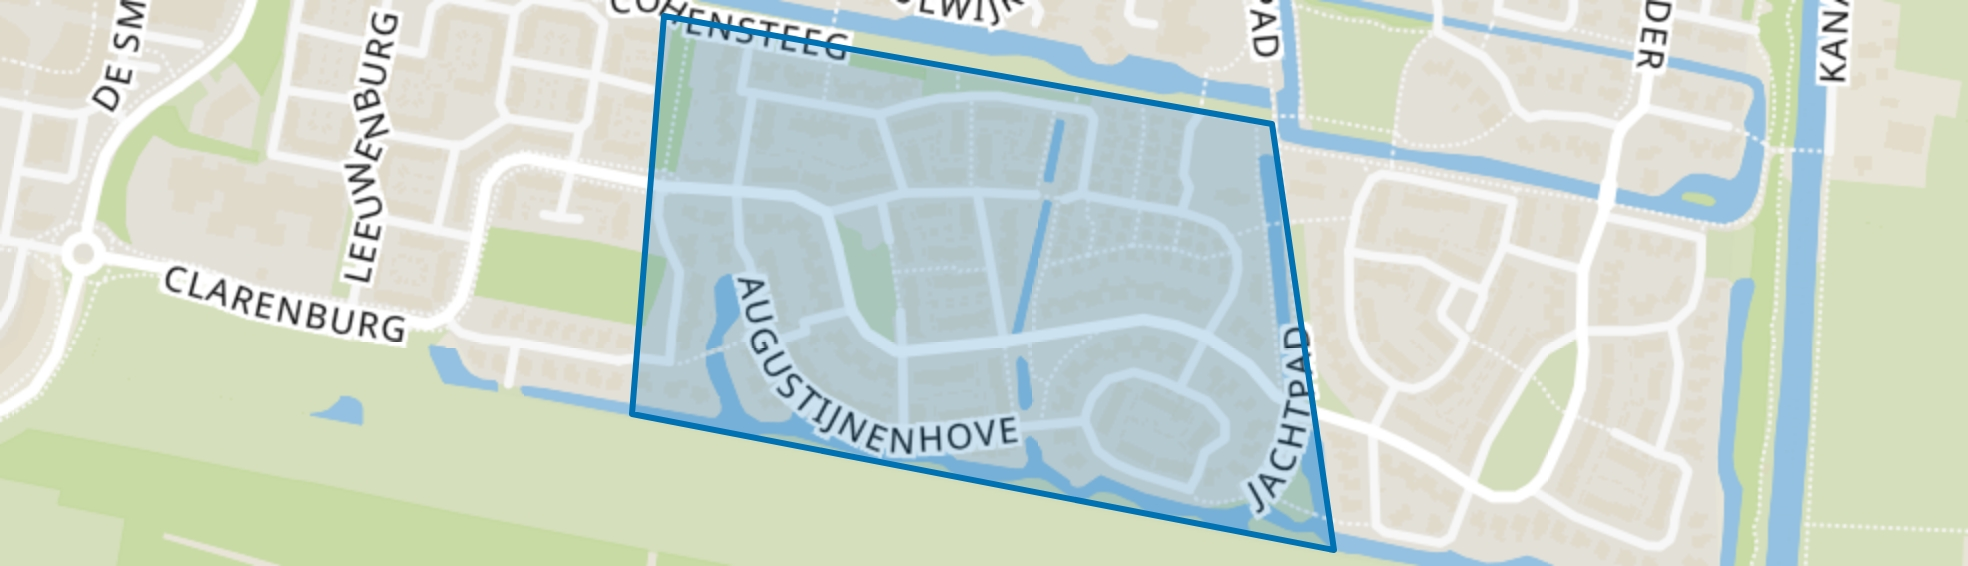 Munnikhove, Leusden map